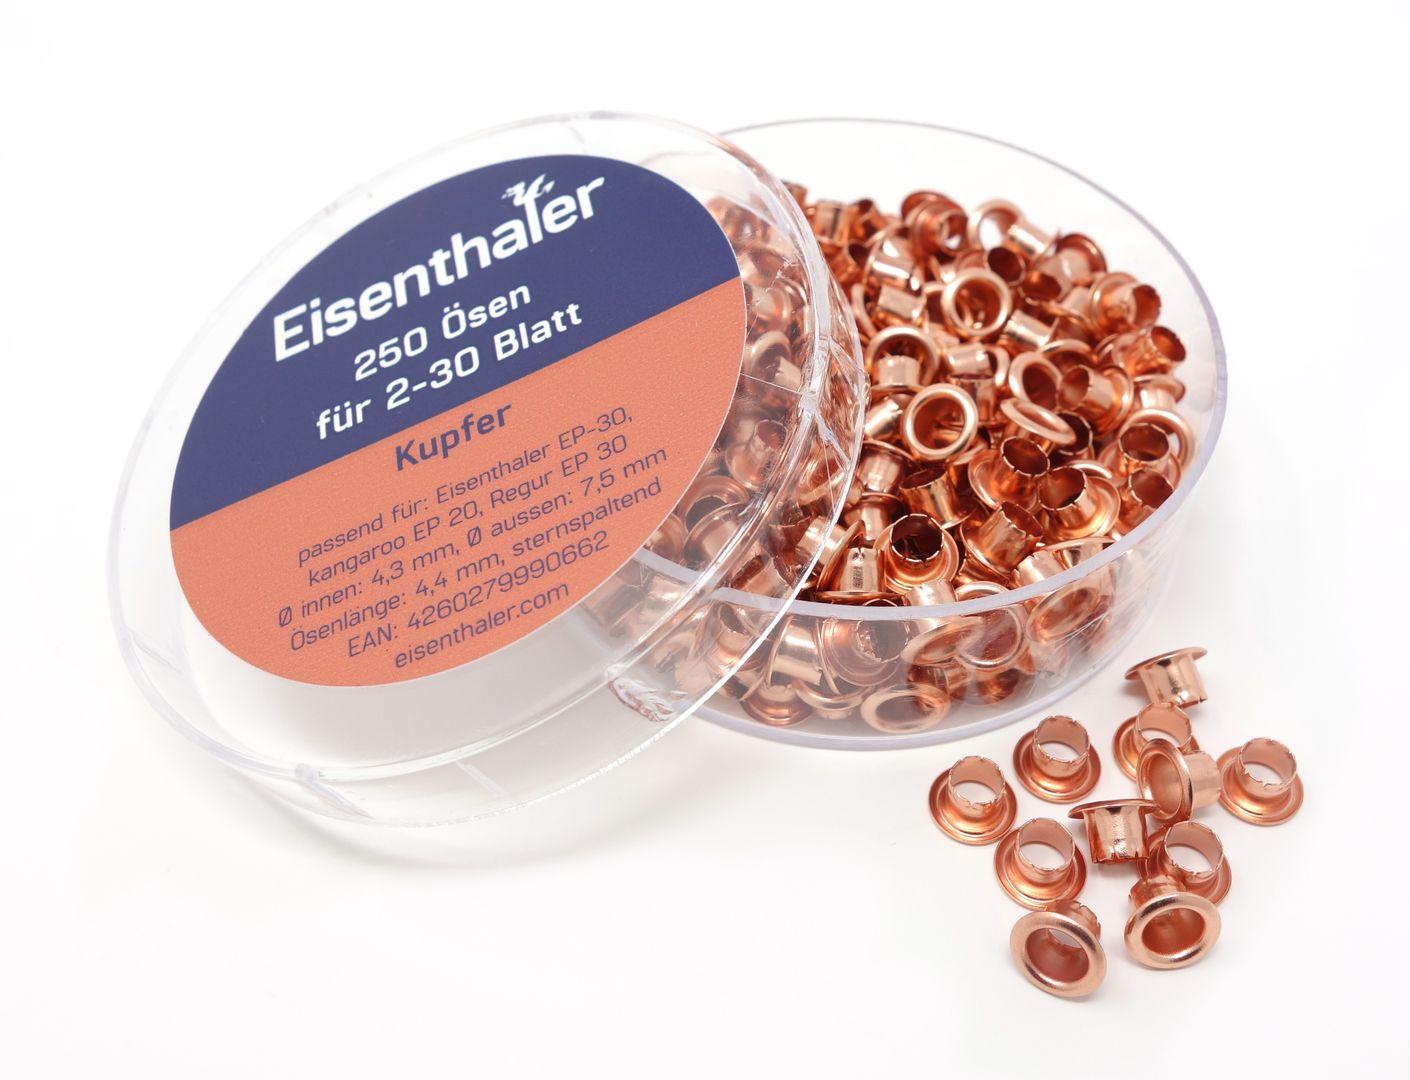 Eisenthaler 250 farbige Ösen EFC-30 f. EP-20, EP-30 & ET-30 Ösgeräte – Bild 11